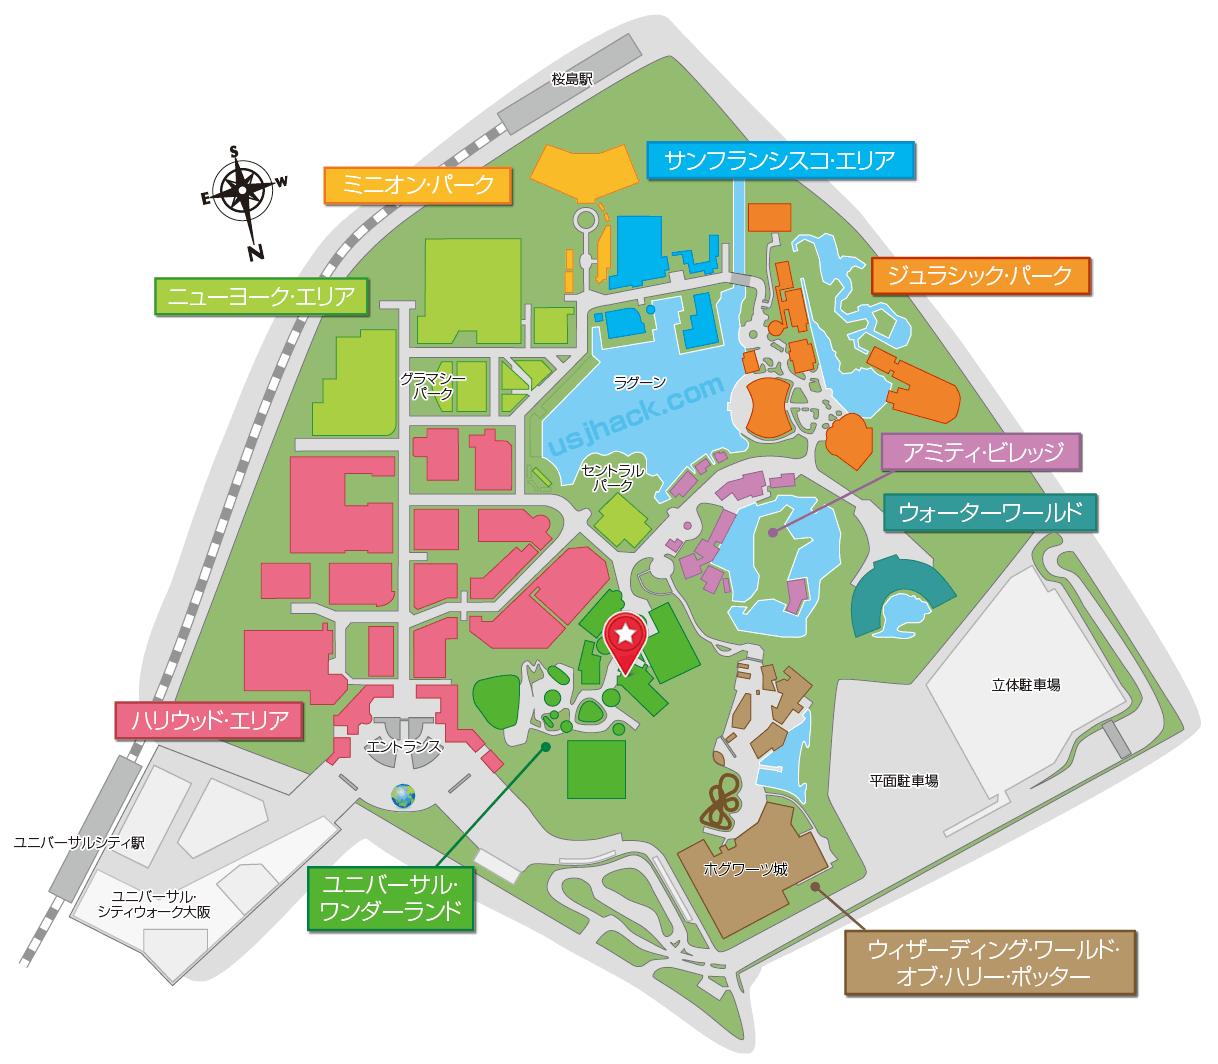 マップで確認するハローキティのリボンコレクションの場所